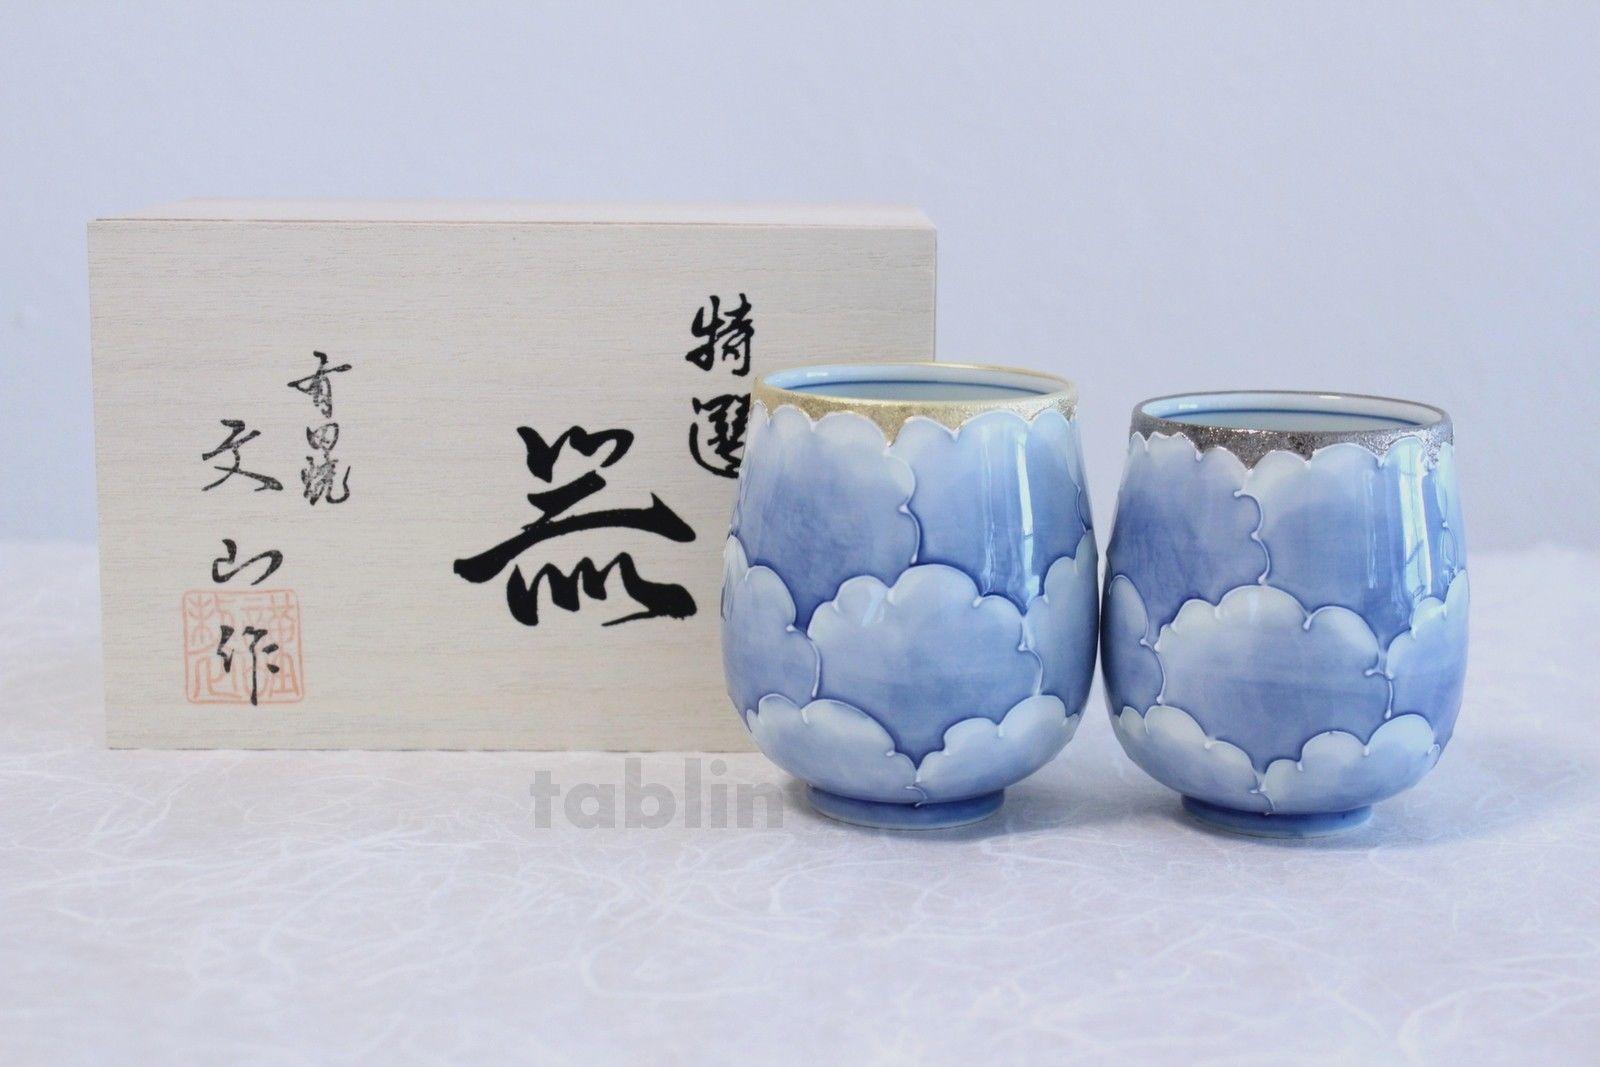 Fullsize Of Japanese Tea Set